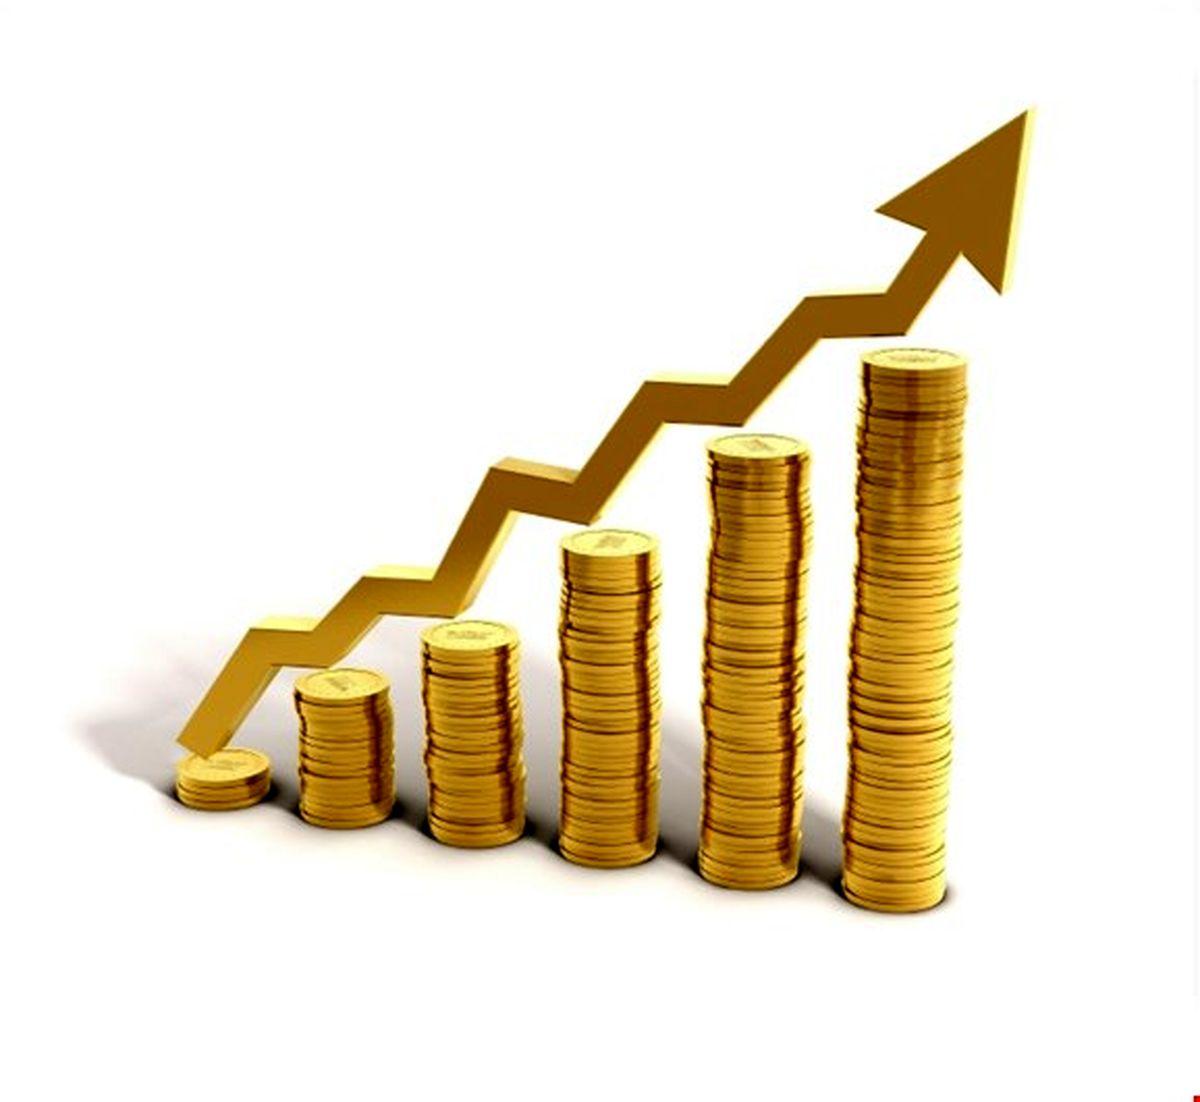 افزایش ۹۶ درصدی نقدینگی در دوره همتی + نمودار